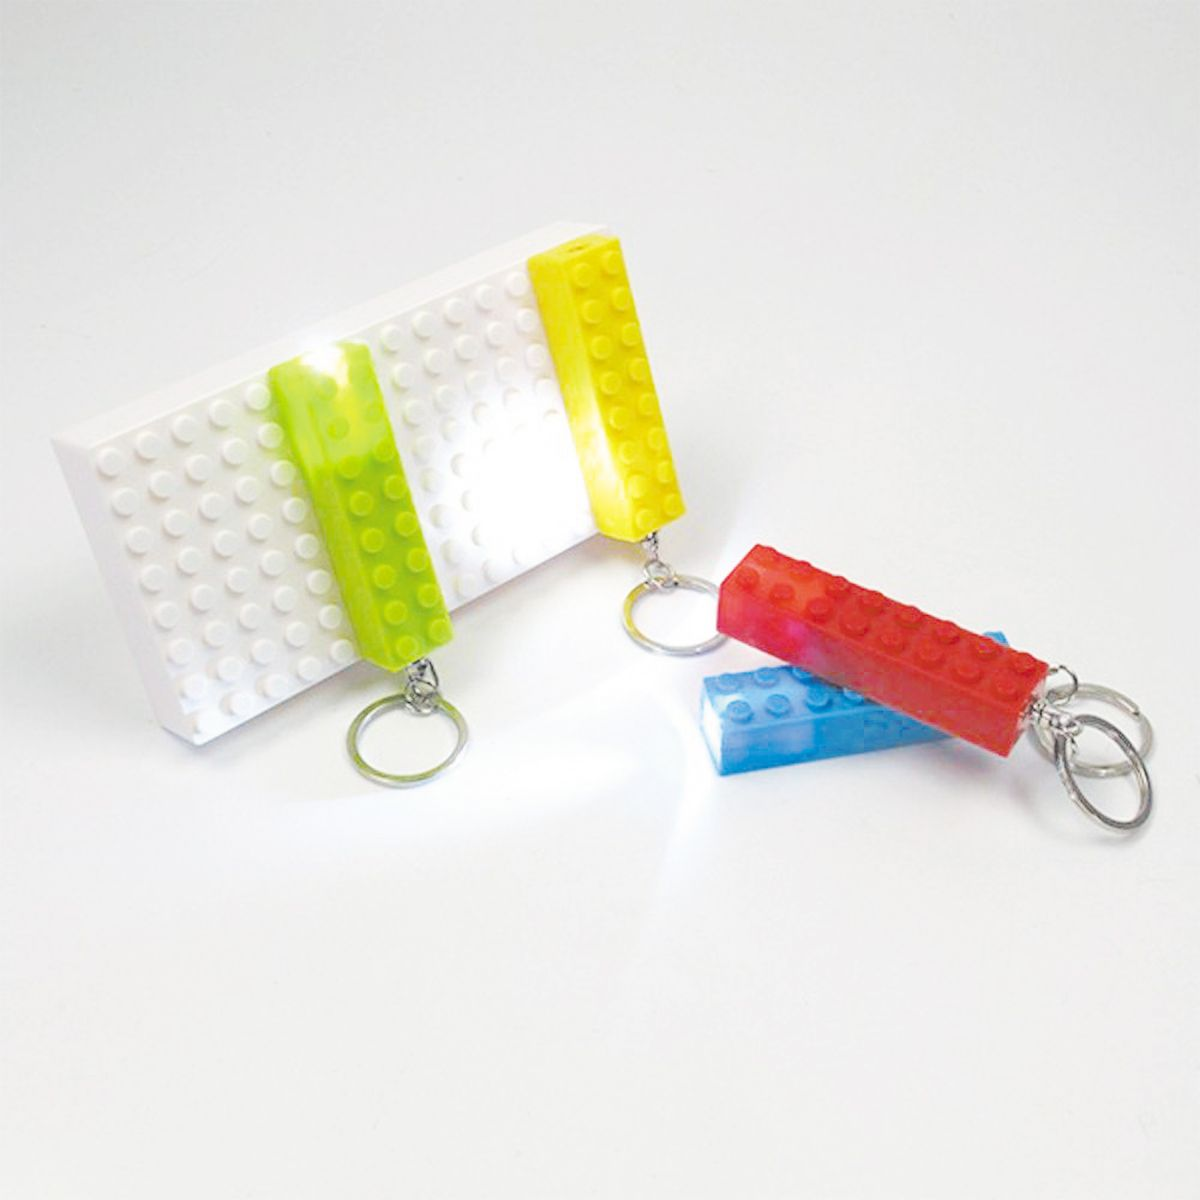 Kit c/ 1 porta chaves e 4 chaveiros Lego c/luz led